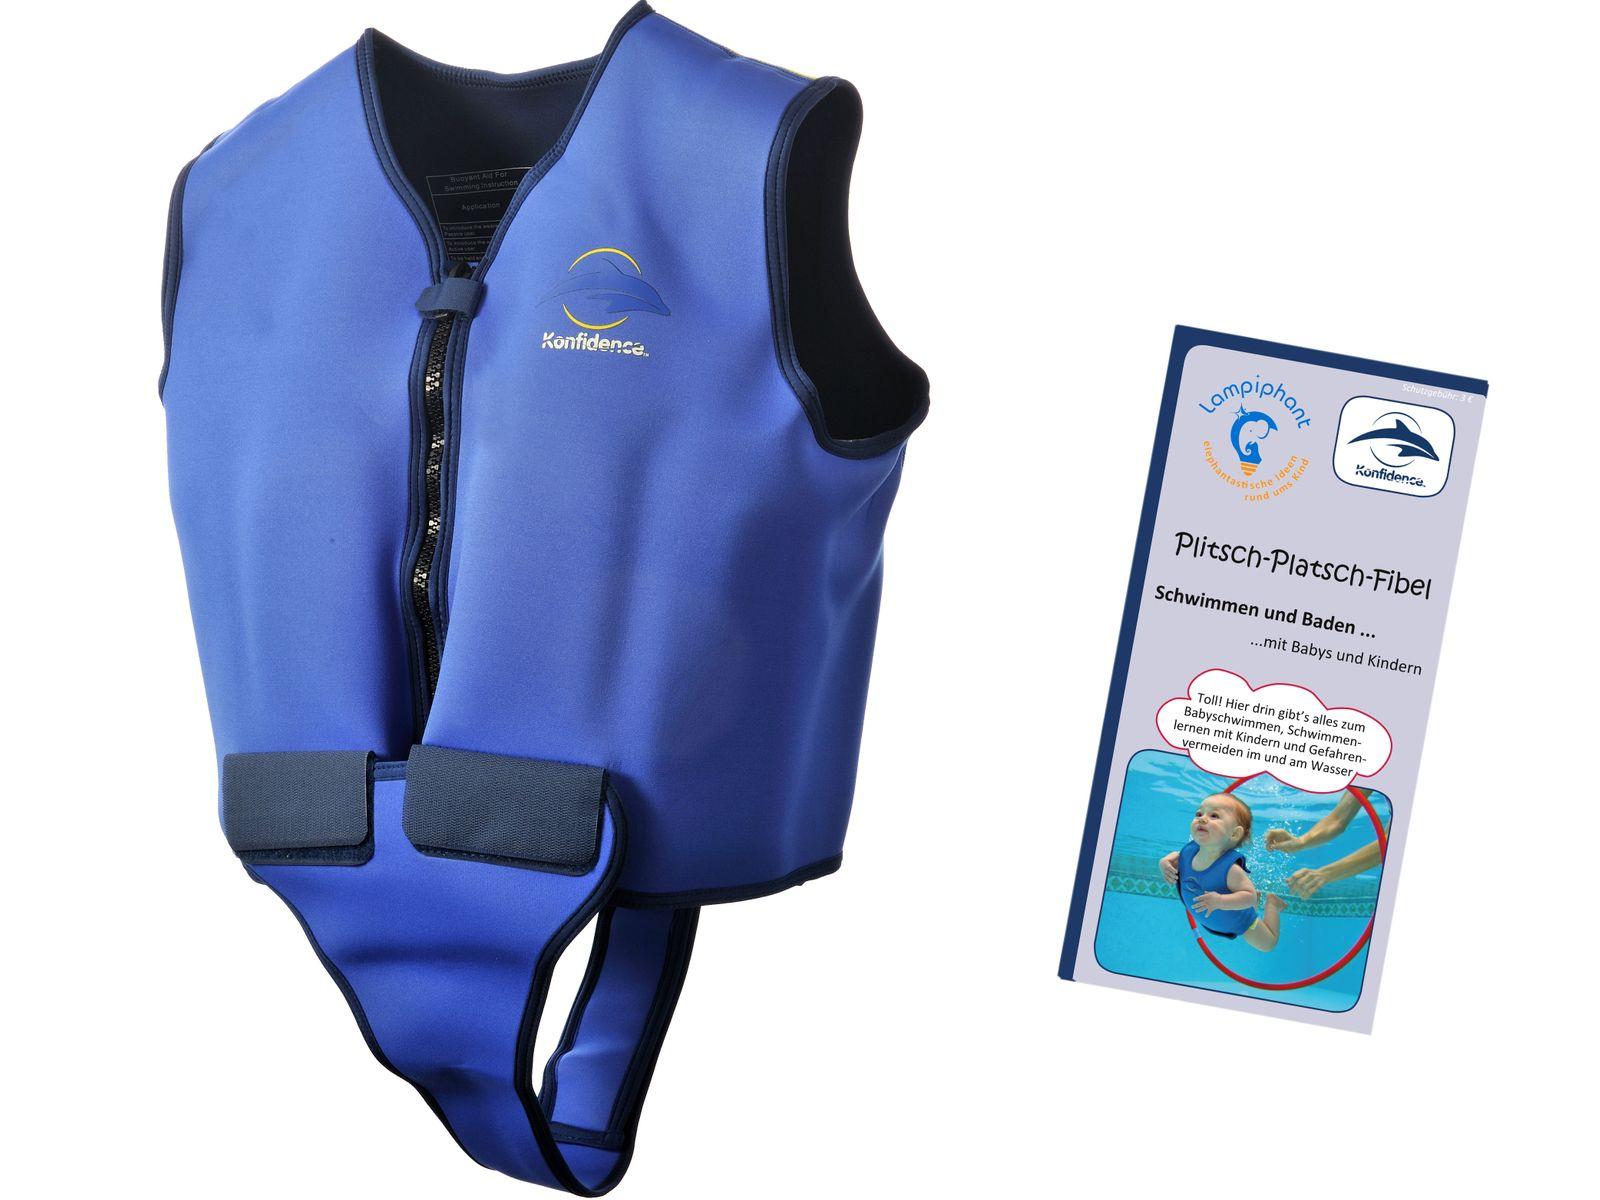 Konfidence Schwimmweste, Schwimmhilfe für Erwachsene mit umfangreichem Schwimmratgeber – Bild 1